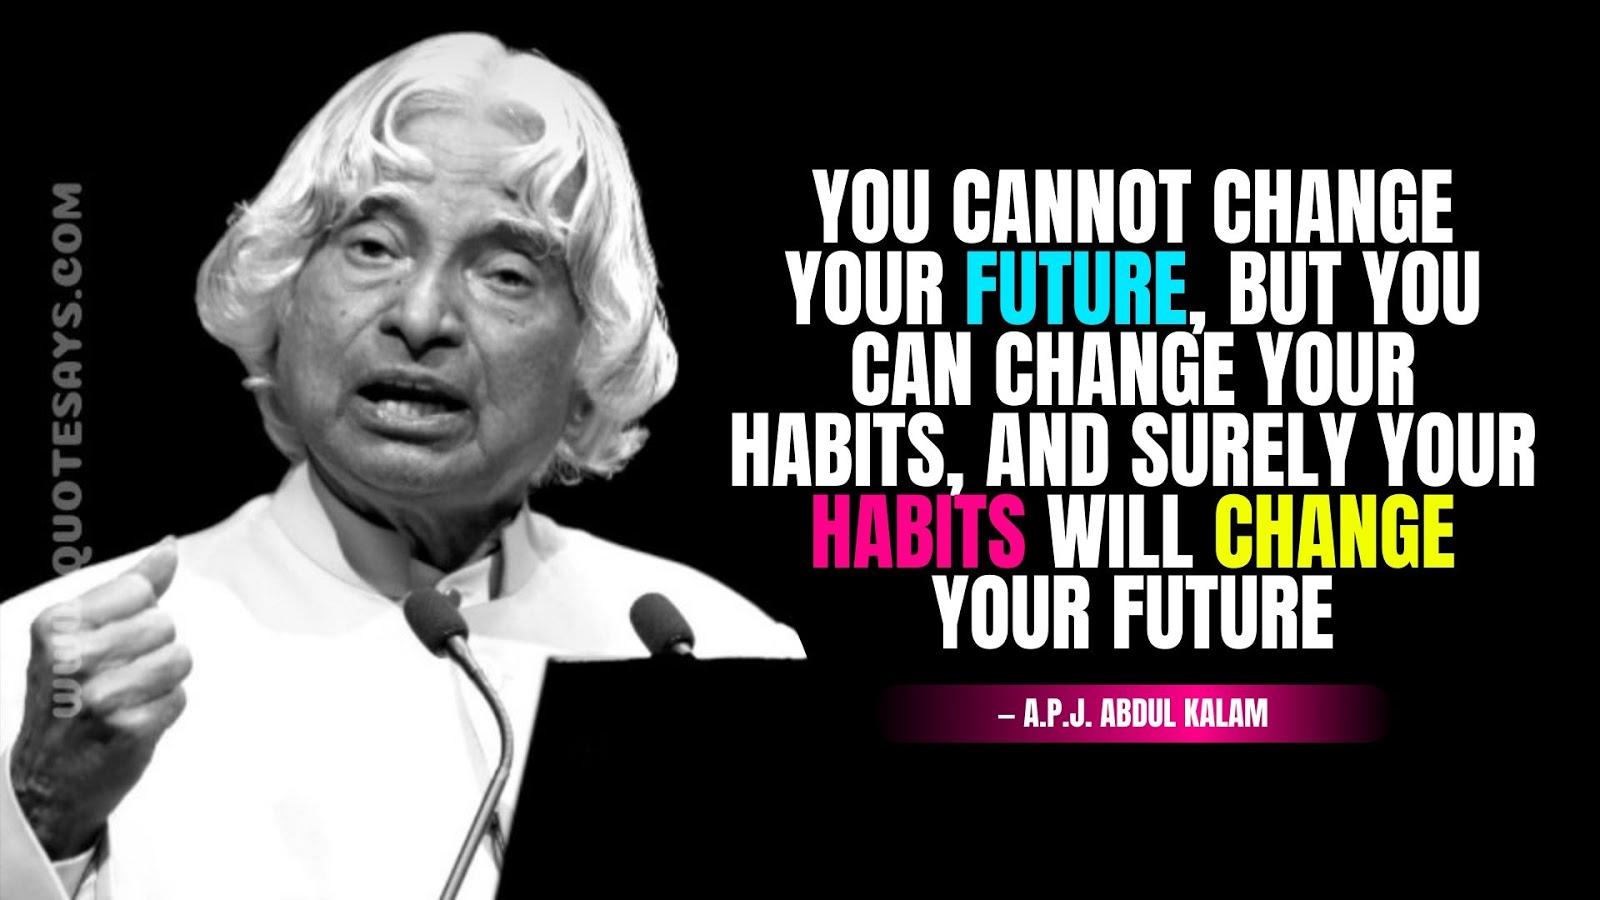 Apj Abdul Kalam Quotes about Habits